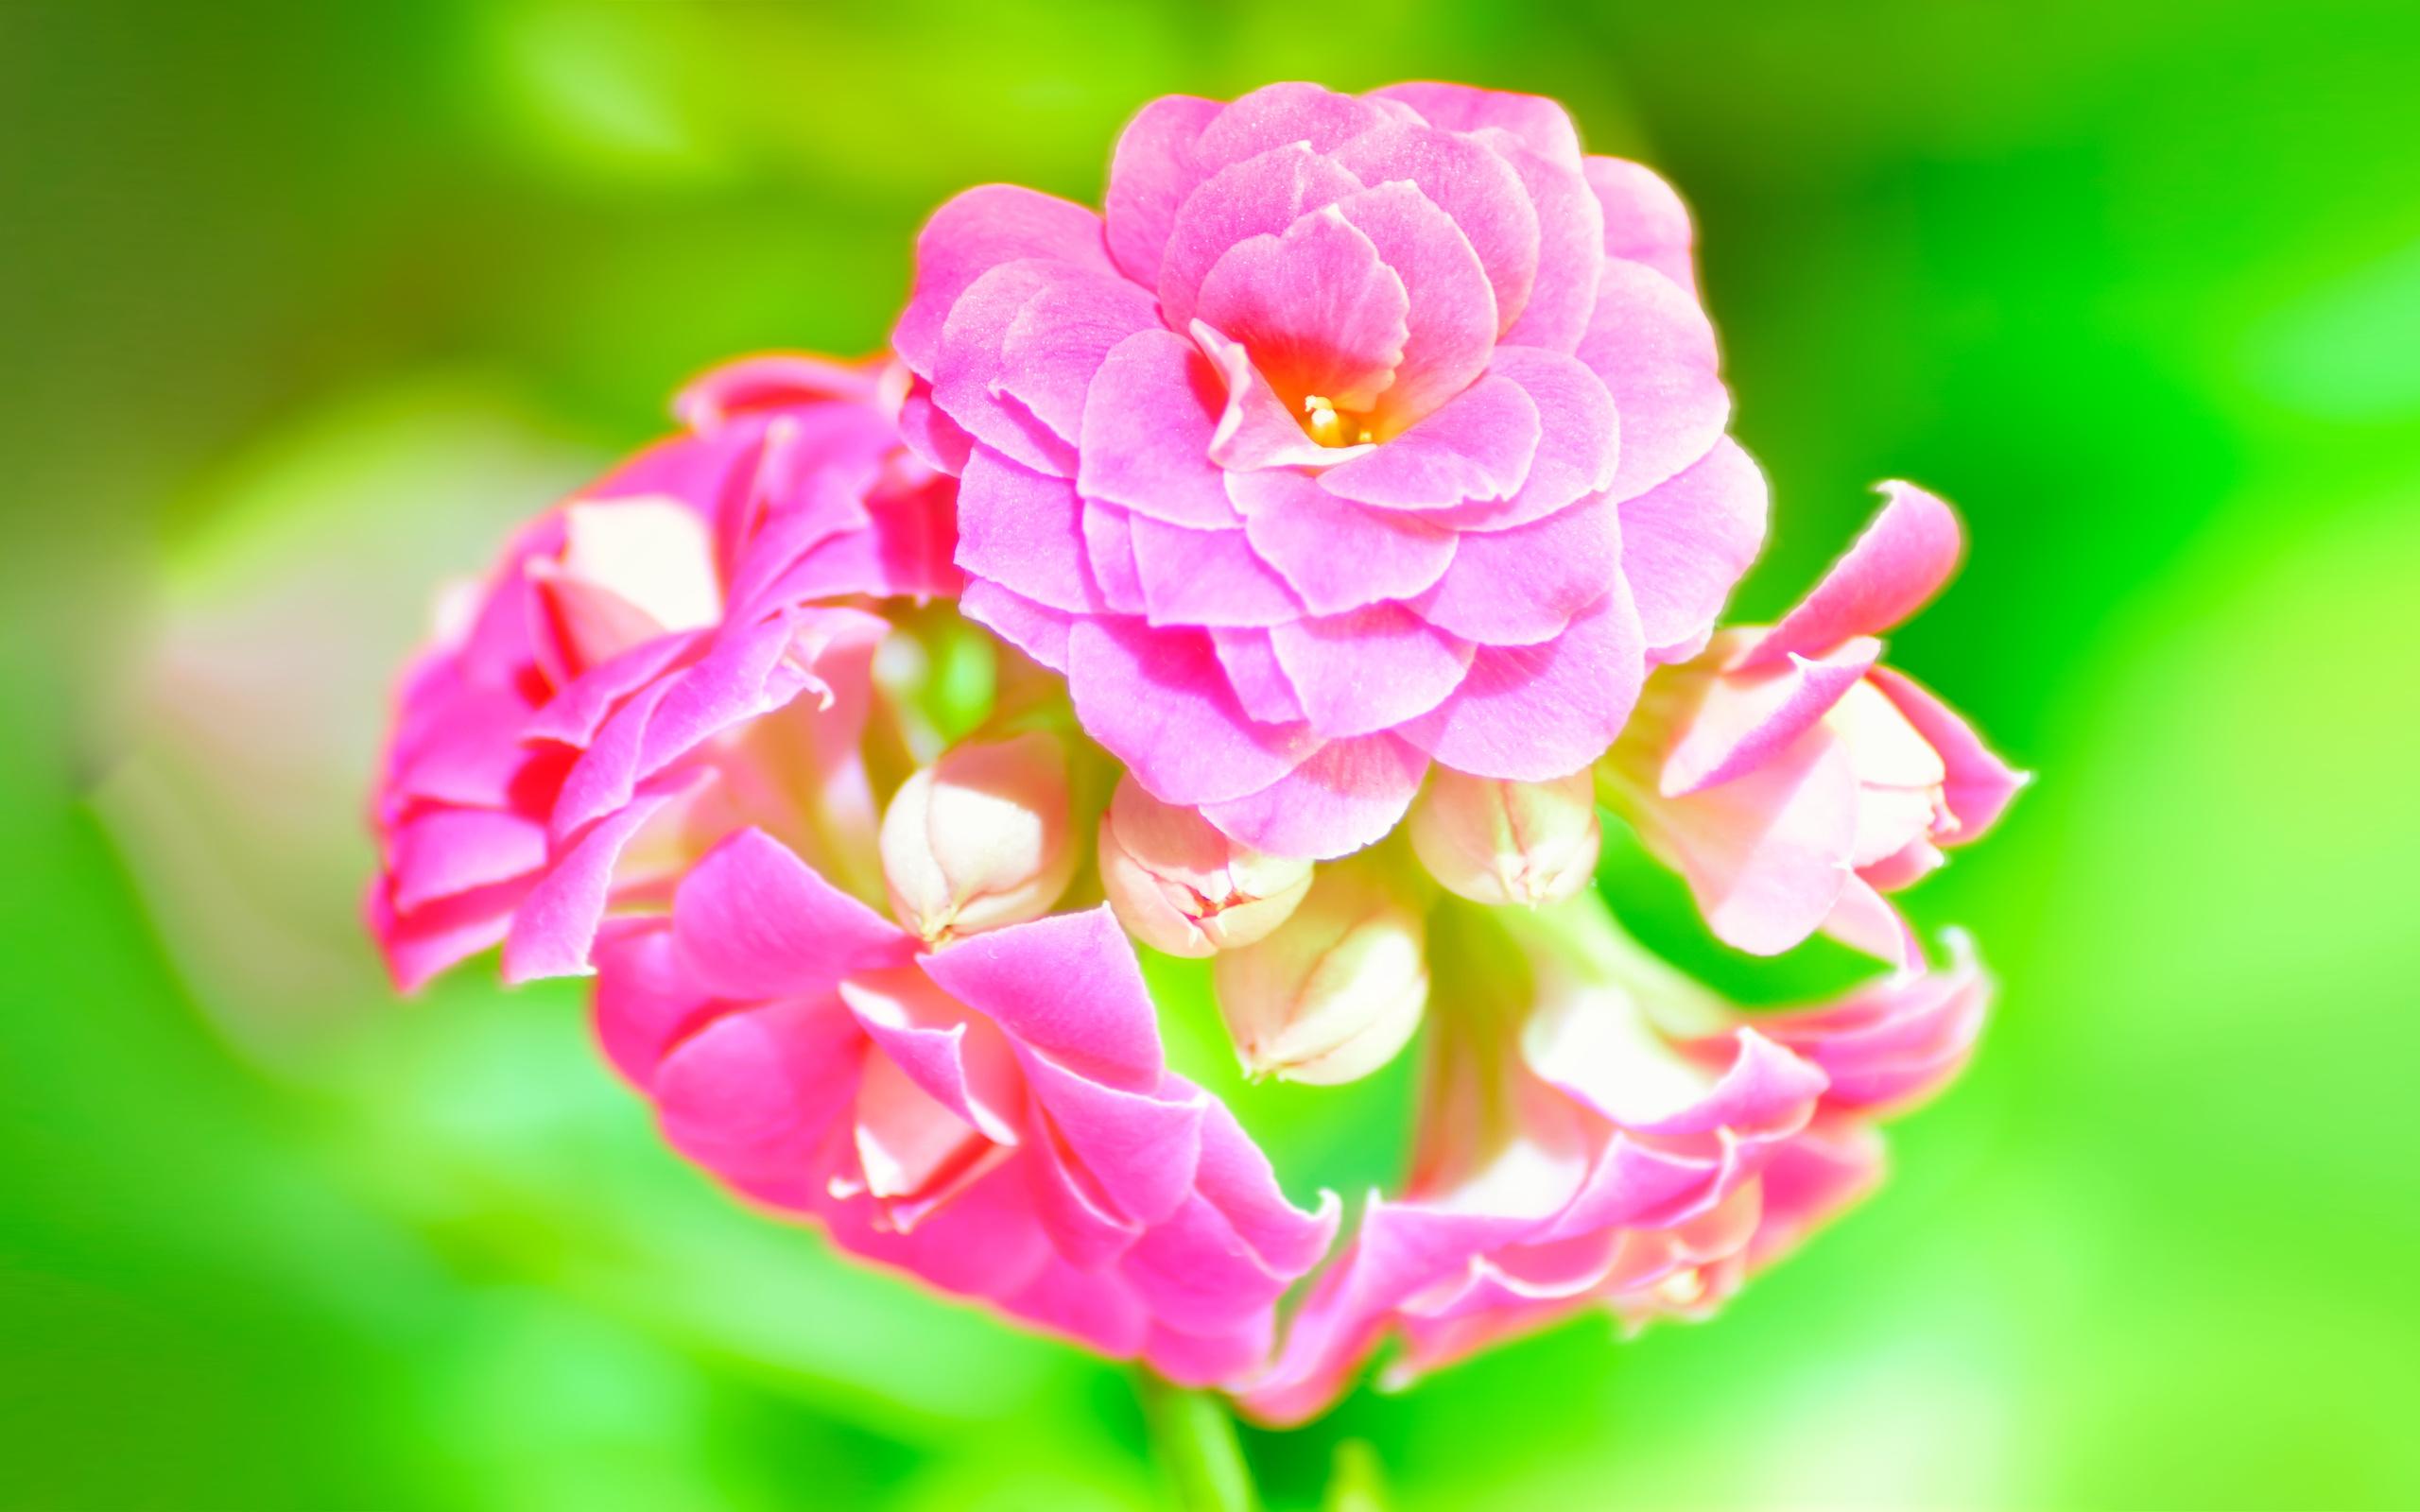 цветы, разноцветие, зелень бесплатно